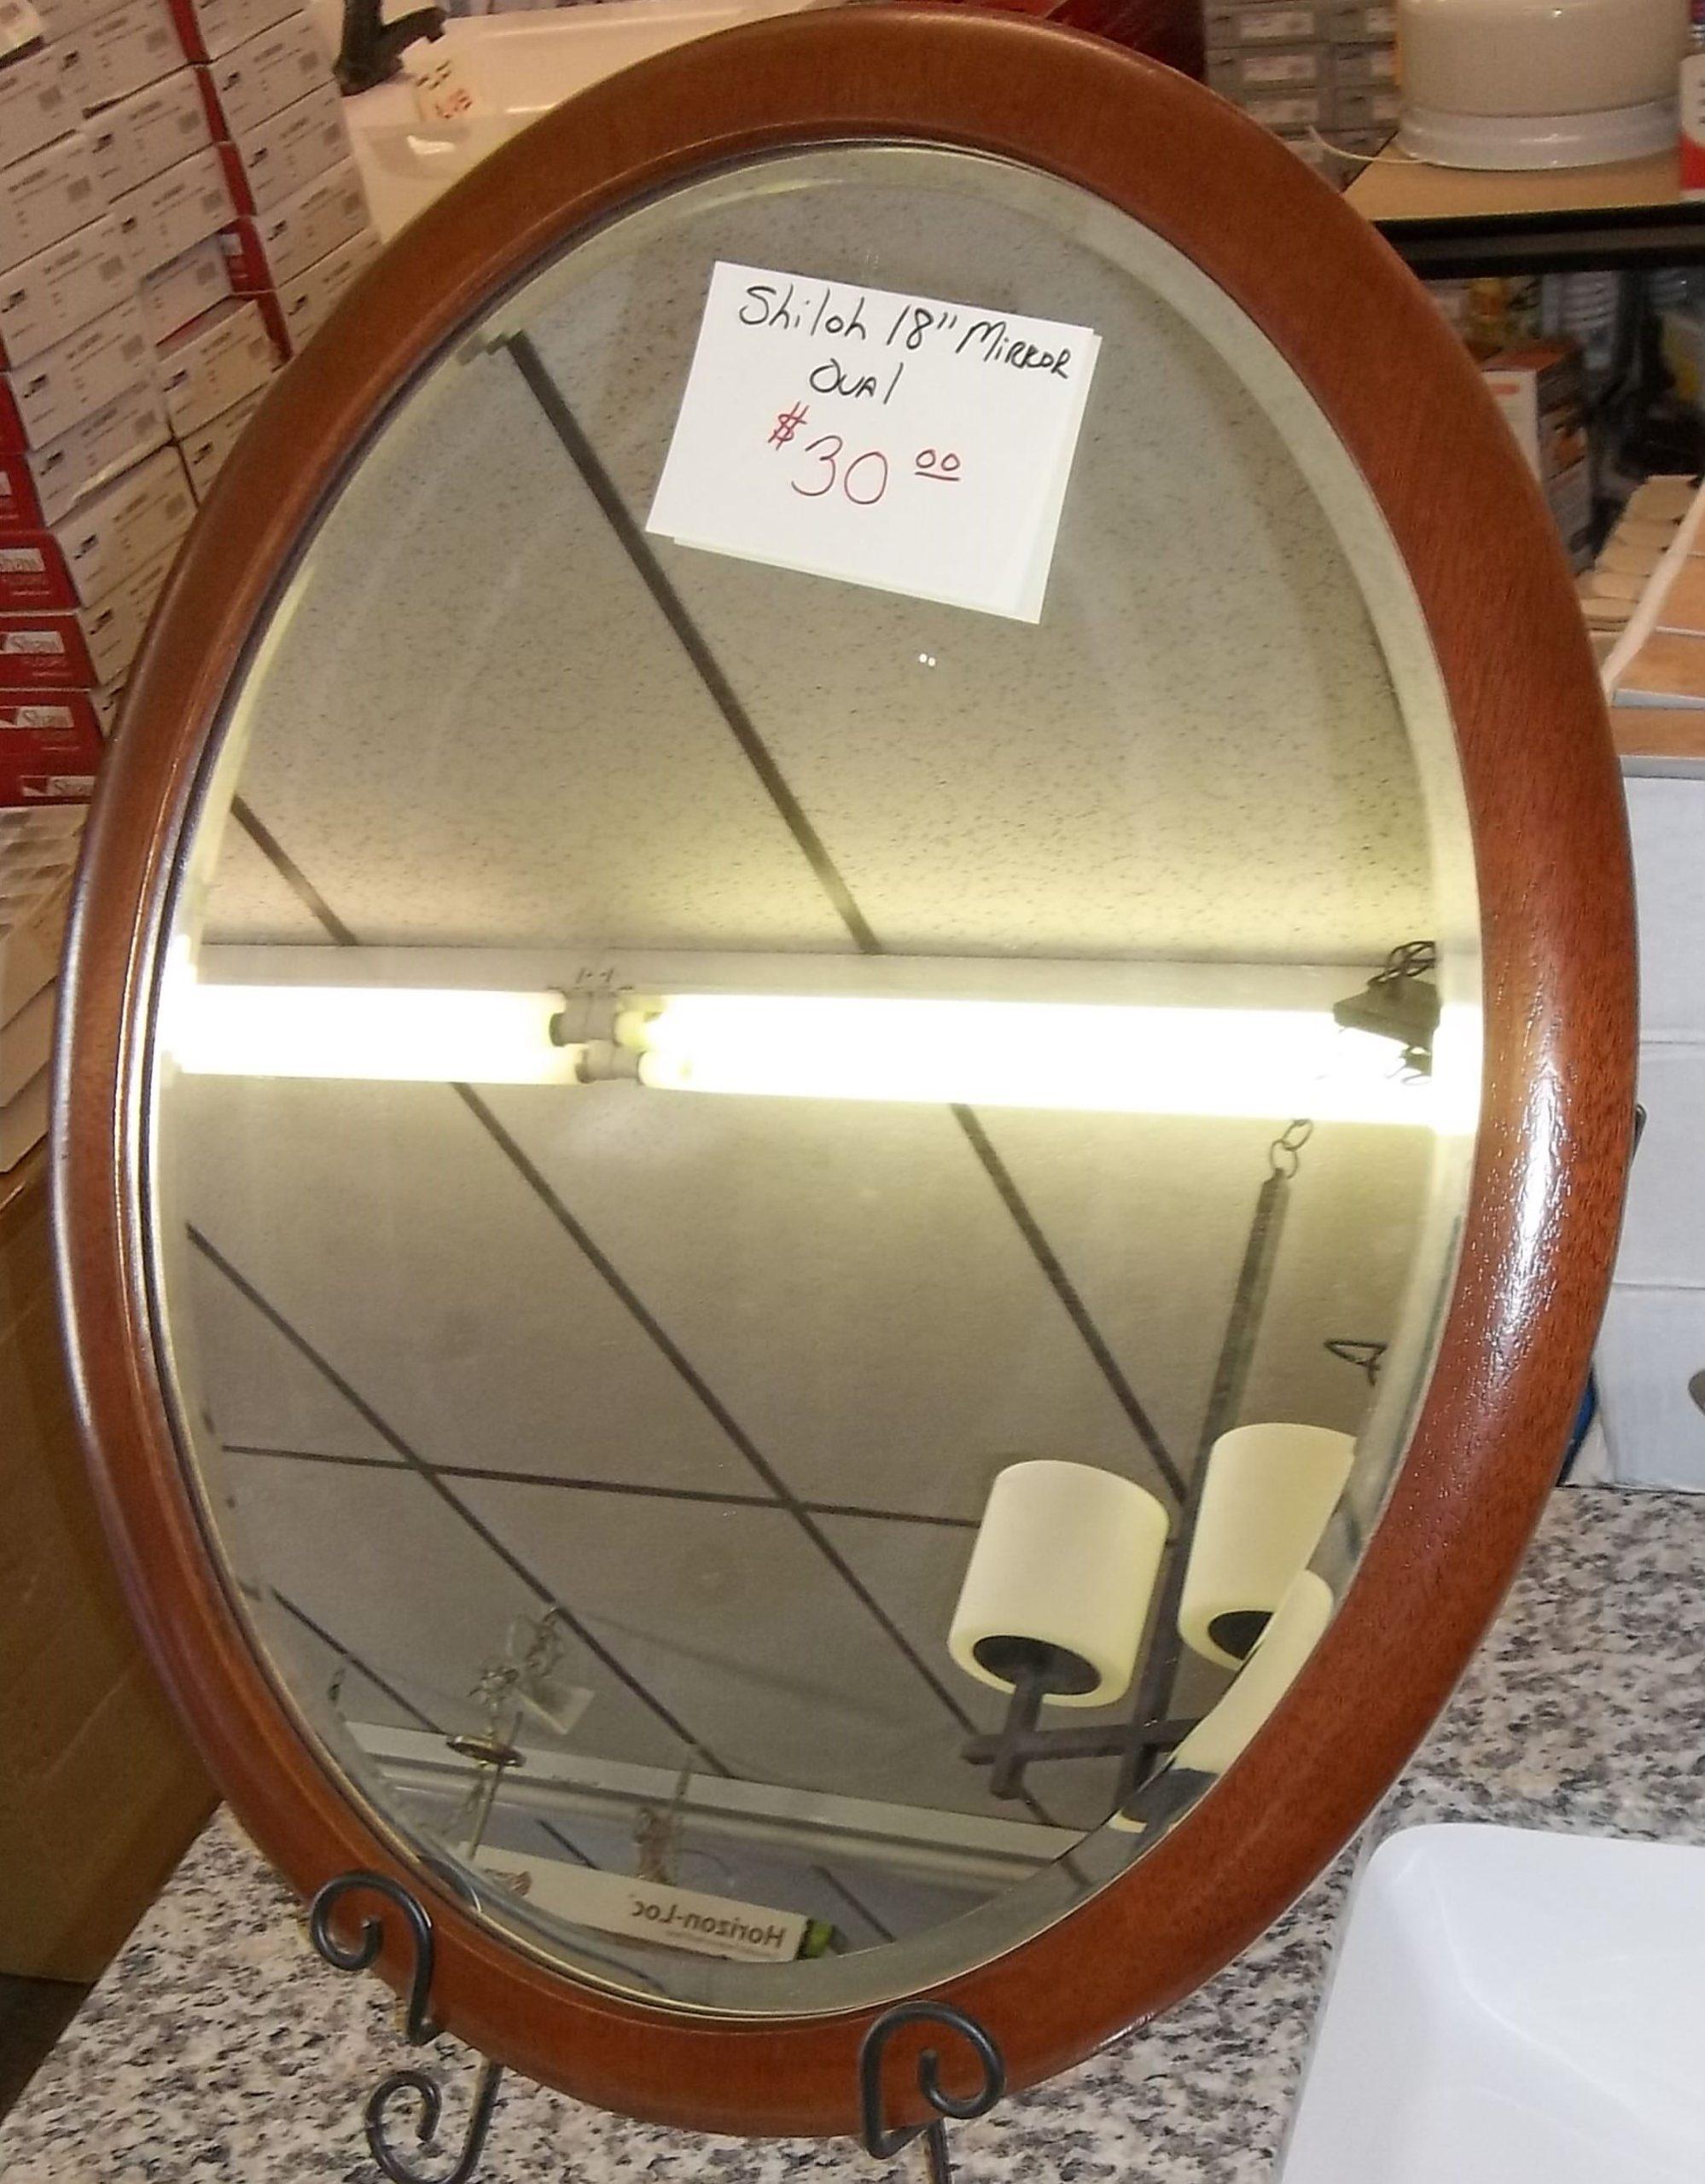 Shiloh Oval Mirror $30